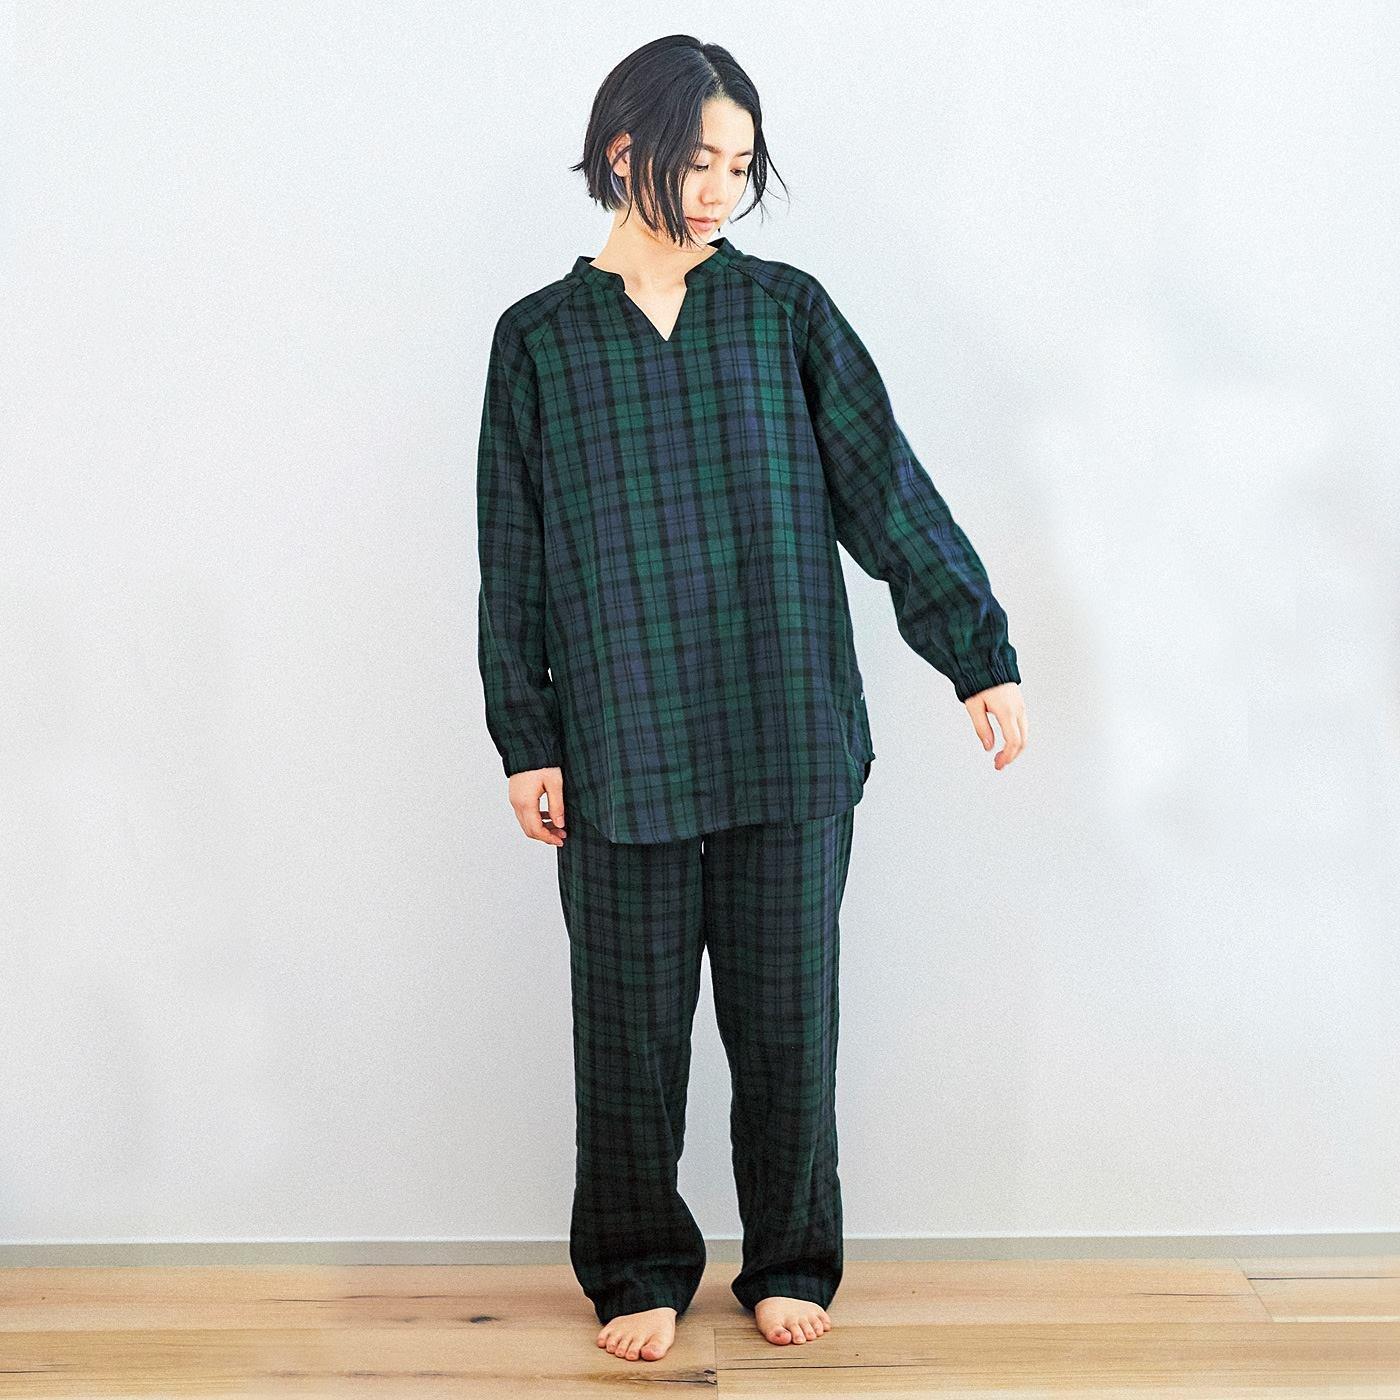 着るごとにやわらかに育つ肌当たり 先染めダブルガーゼのチュニックパジャマ〈ブラックウォッチ〉